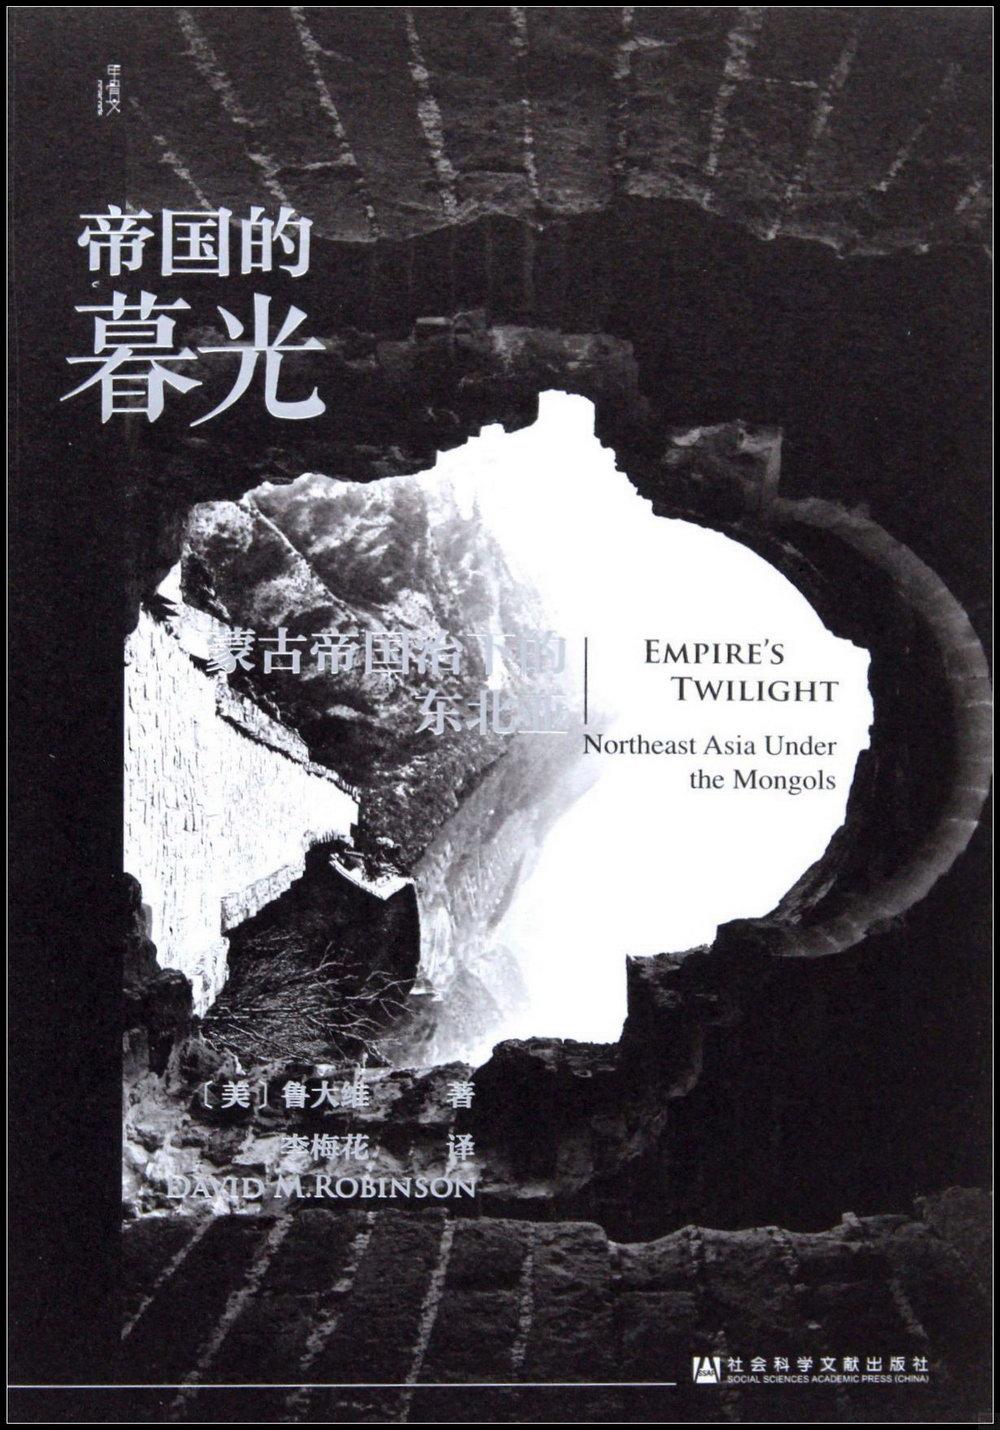 帝國的暮光:蒙古帝國治下的東北亞